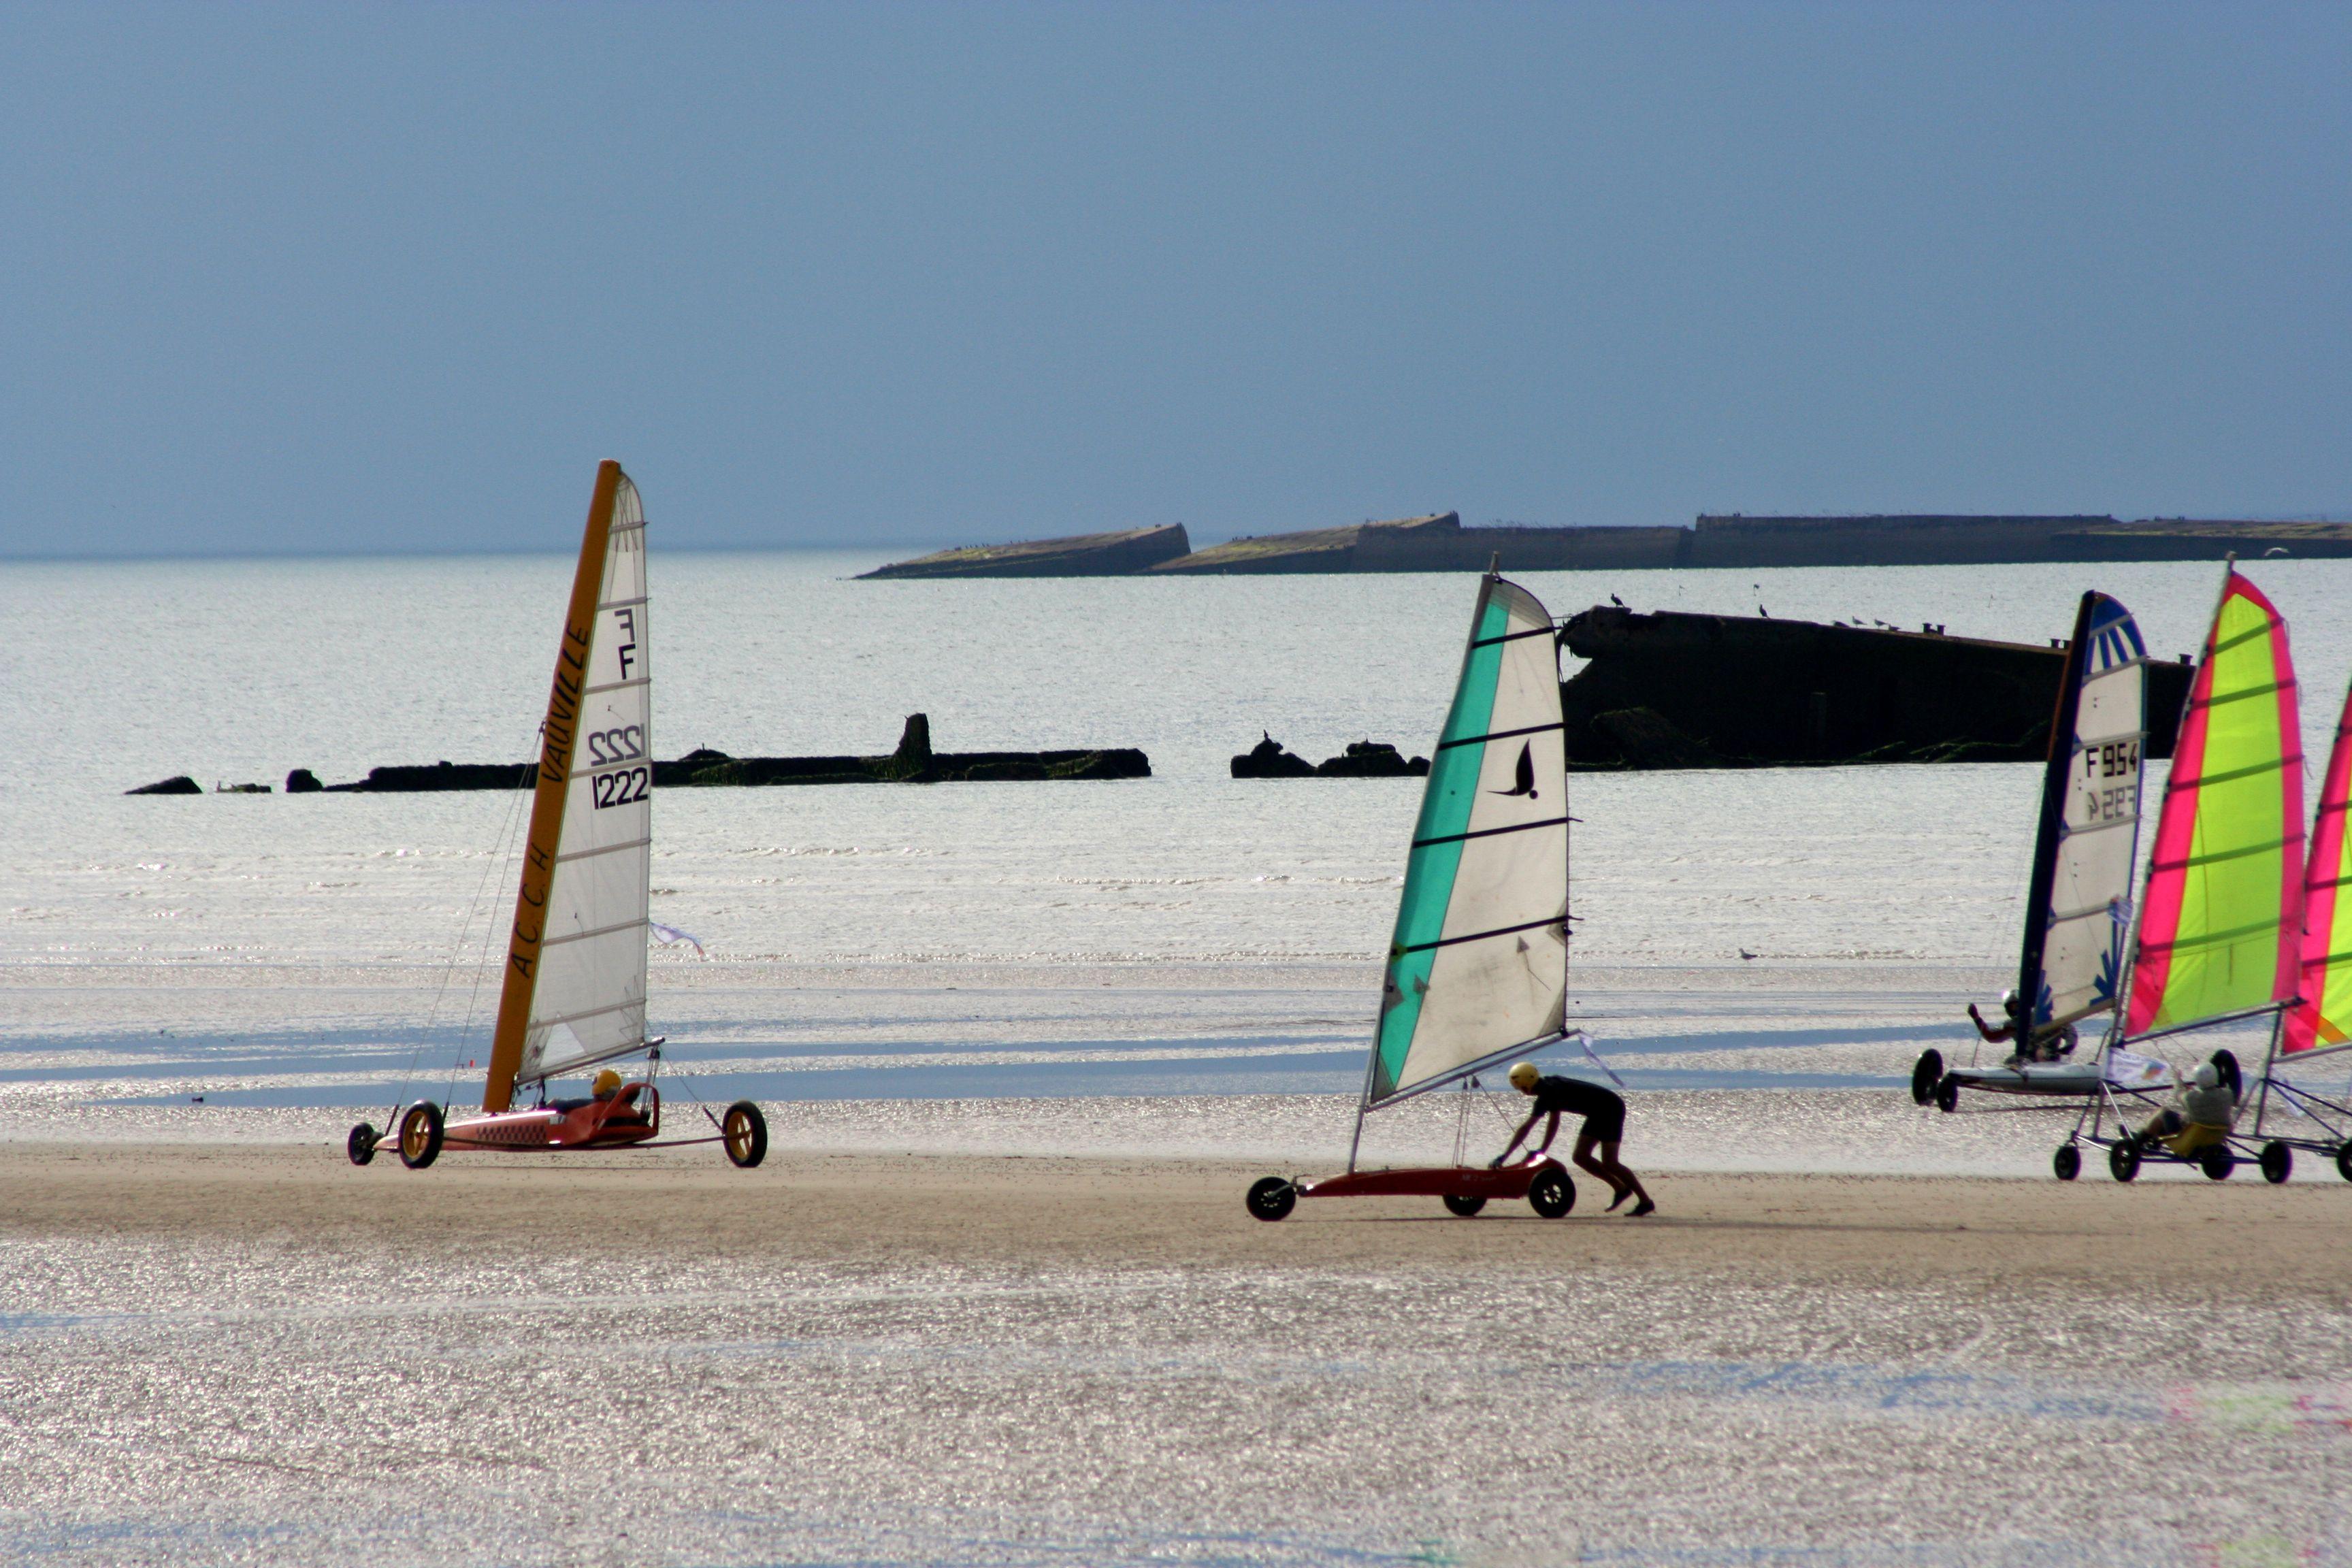 Le Char A Voile Sur Les Plages De Normandie Filer A La Vitesse Du Vent Sur Les Plages De Cabourg Un Vrai Plais Char A Voile Ski Nautique Planche A Voile